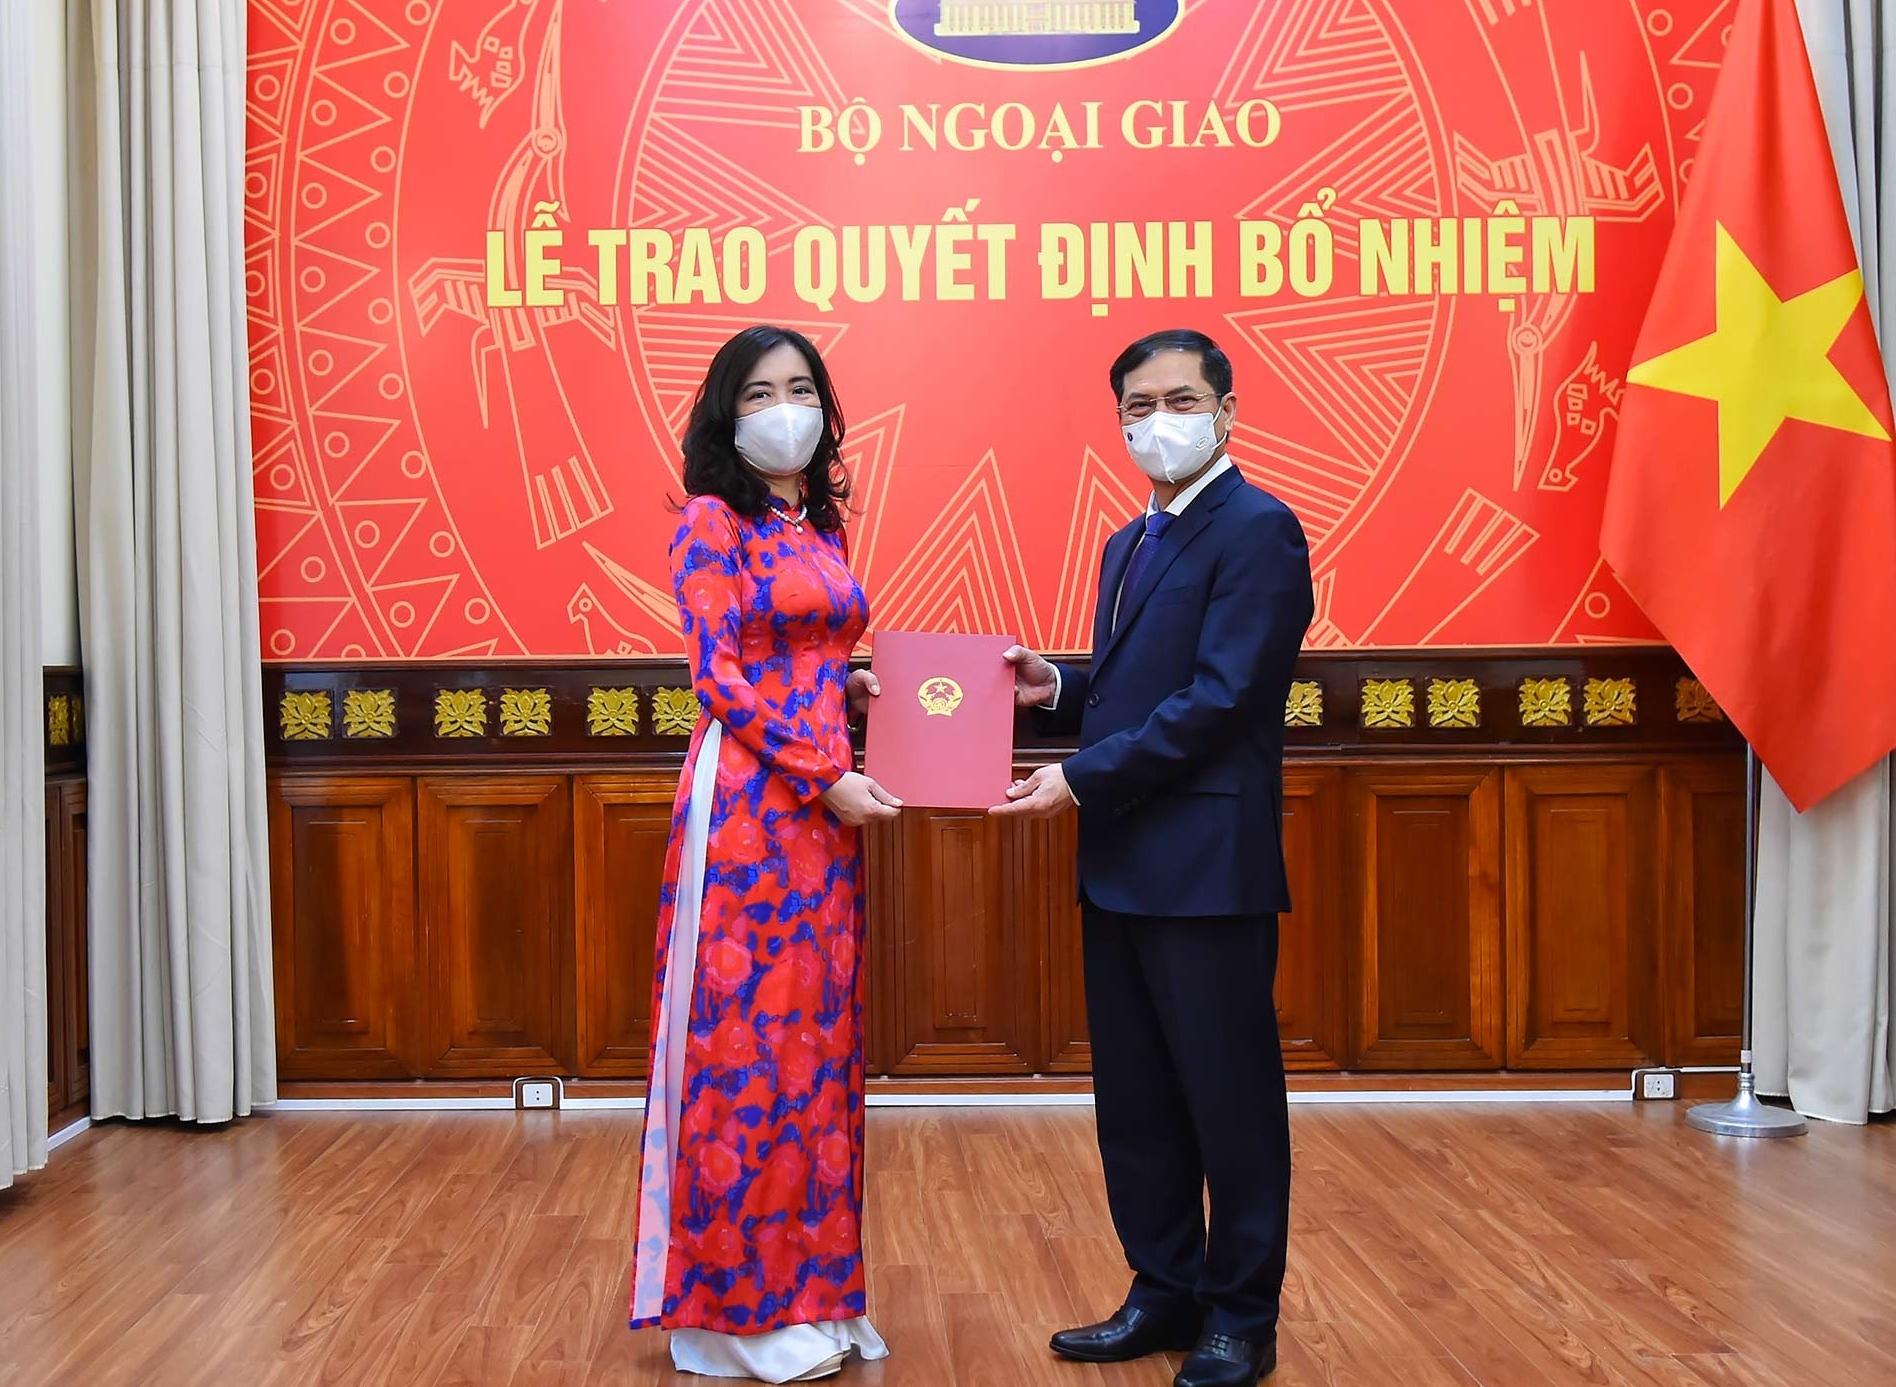 Người phát ngôn Bộ Ngoại giao Lê Thị Thu Hằng được bổ nhiệm thêm chức vụ mới - Ảnh 2.